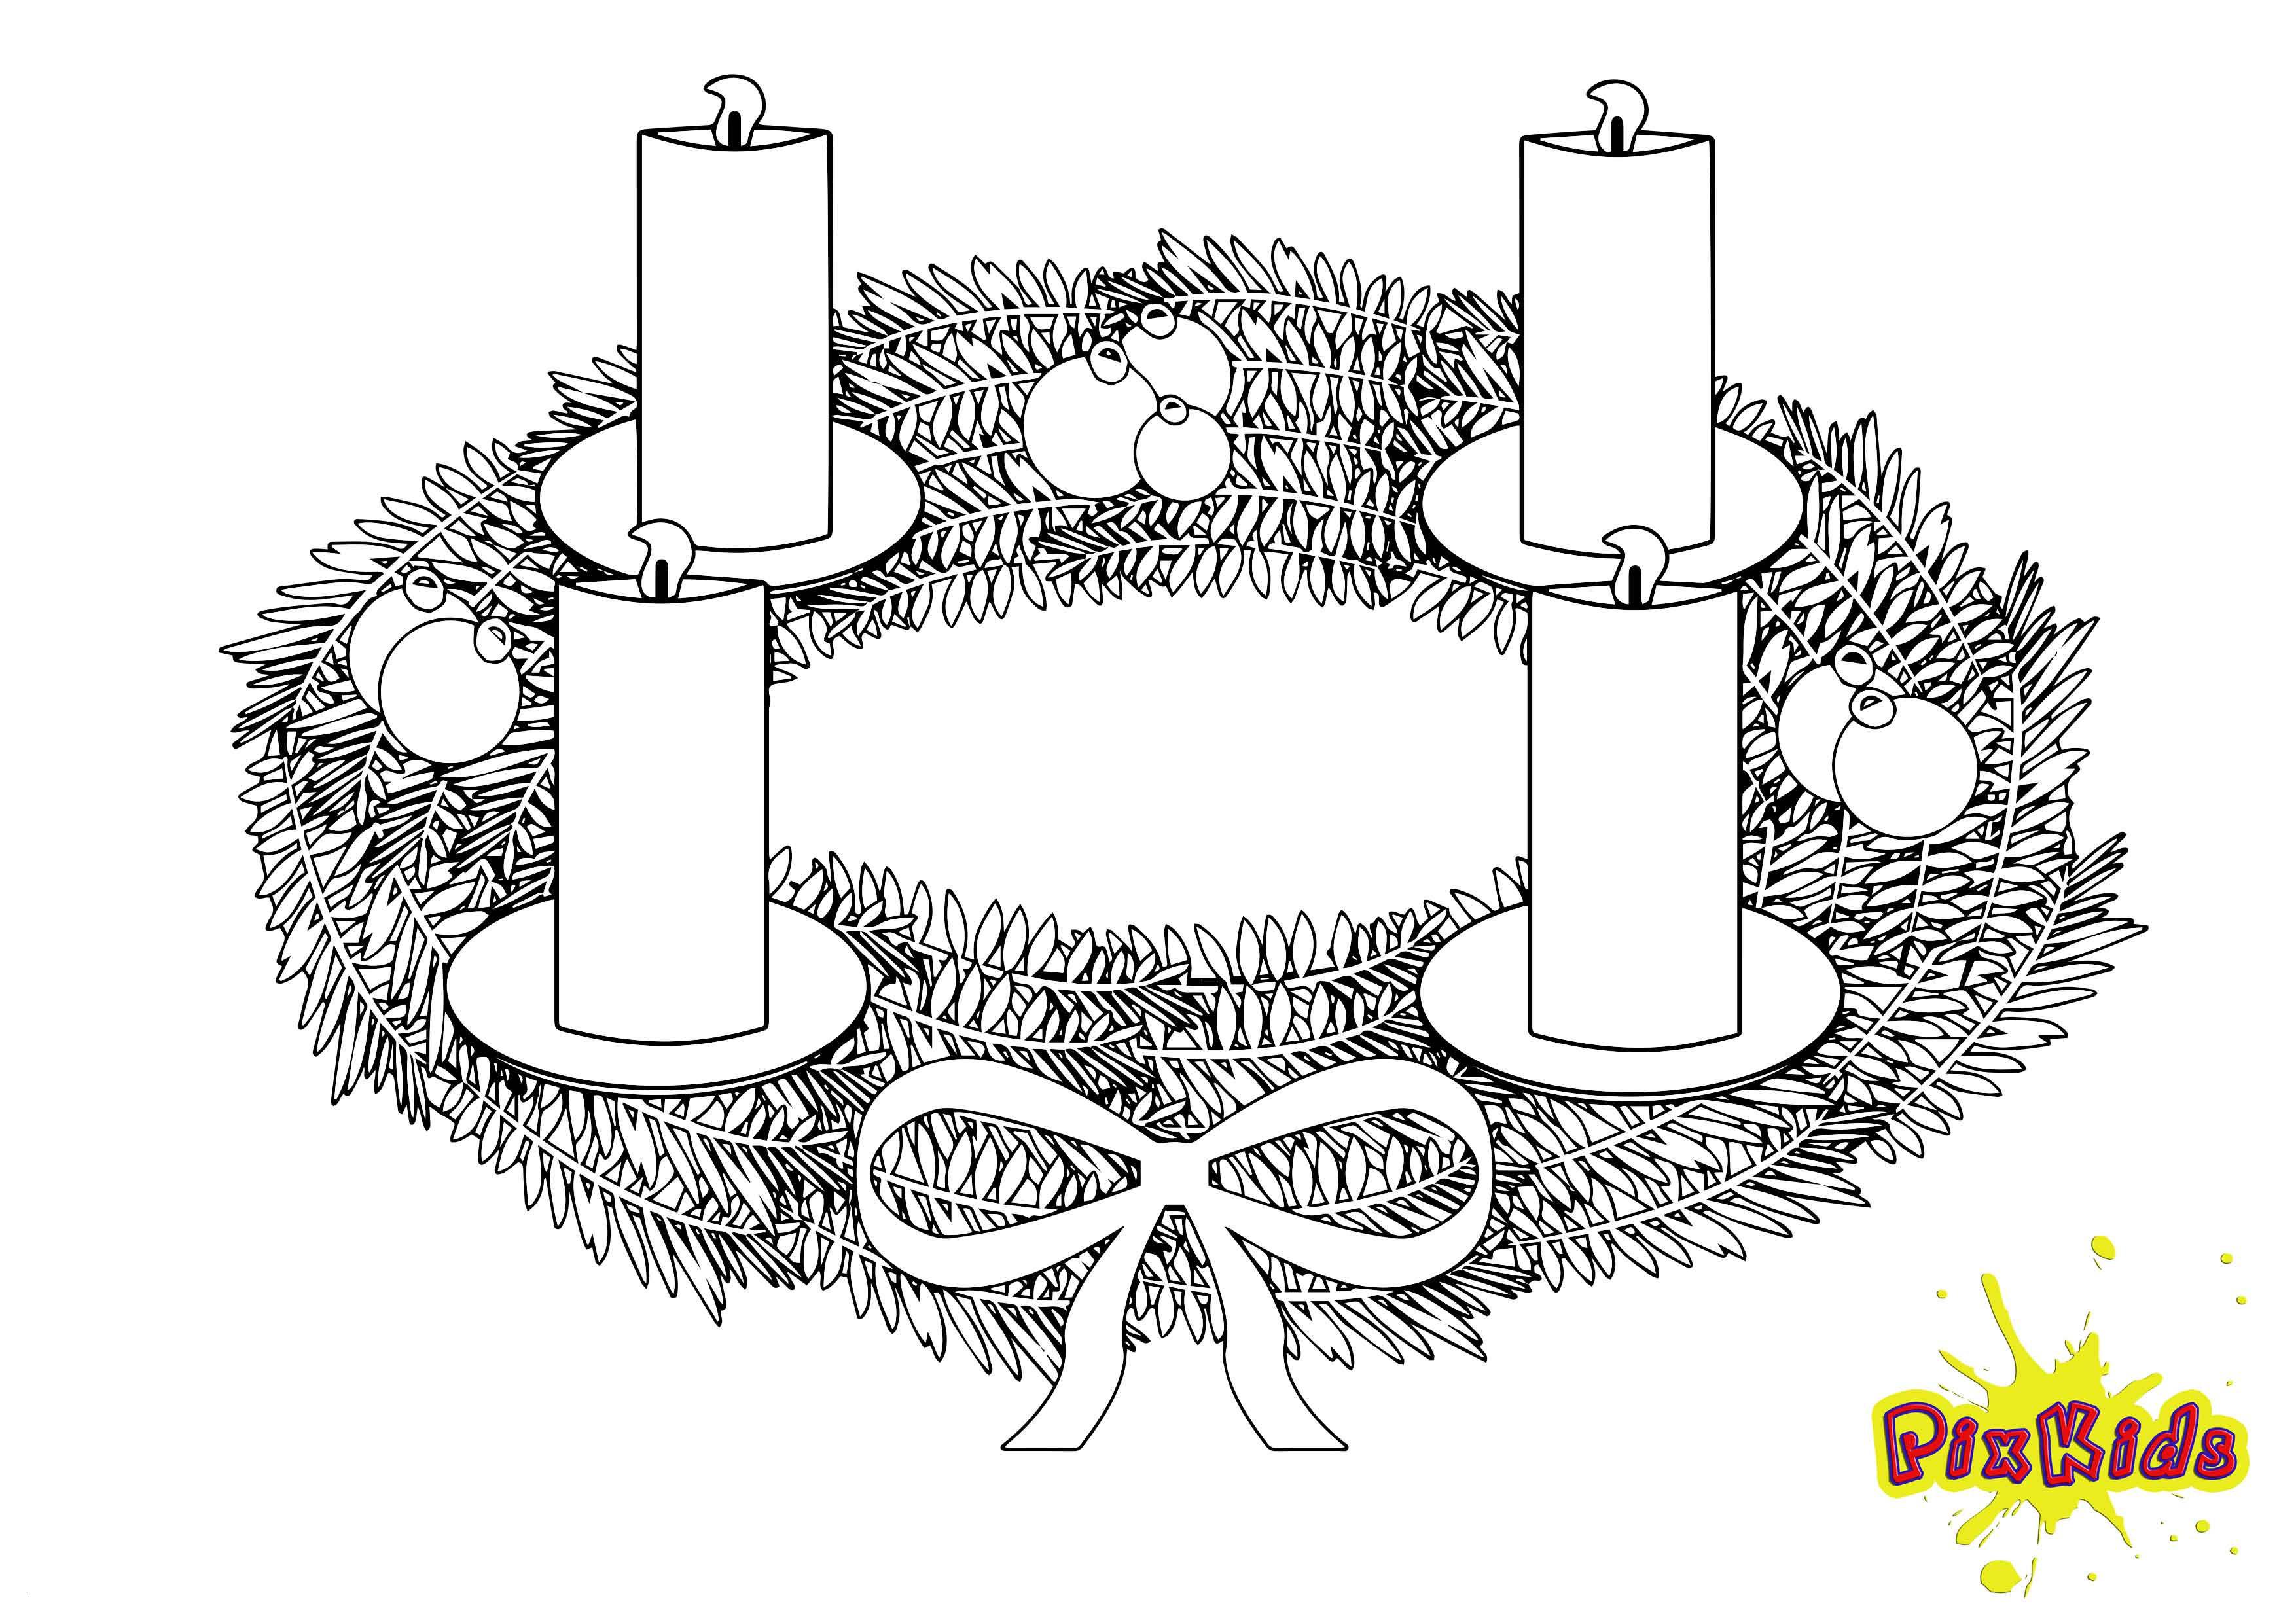 Ausmalbilder Weihnachten Schneeflocke Frisch Ausmalbilder Advent Kostenlose Malvorlage Neu Weihnachten Fotos